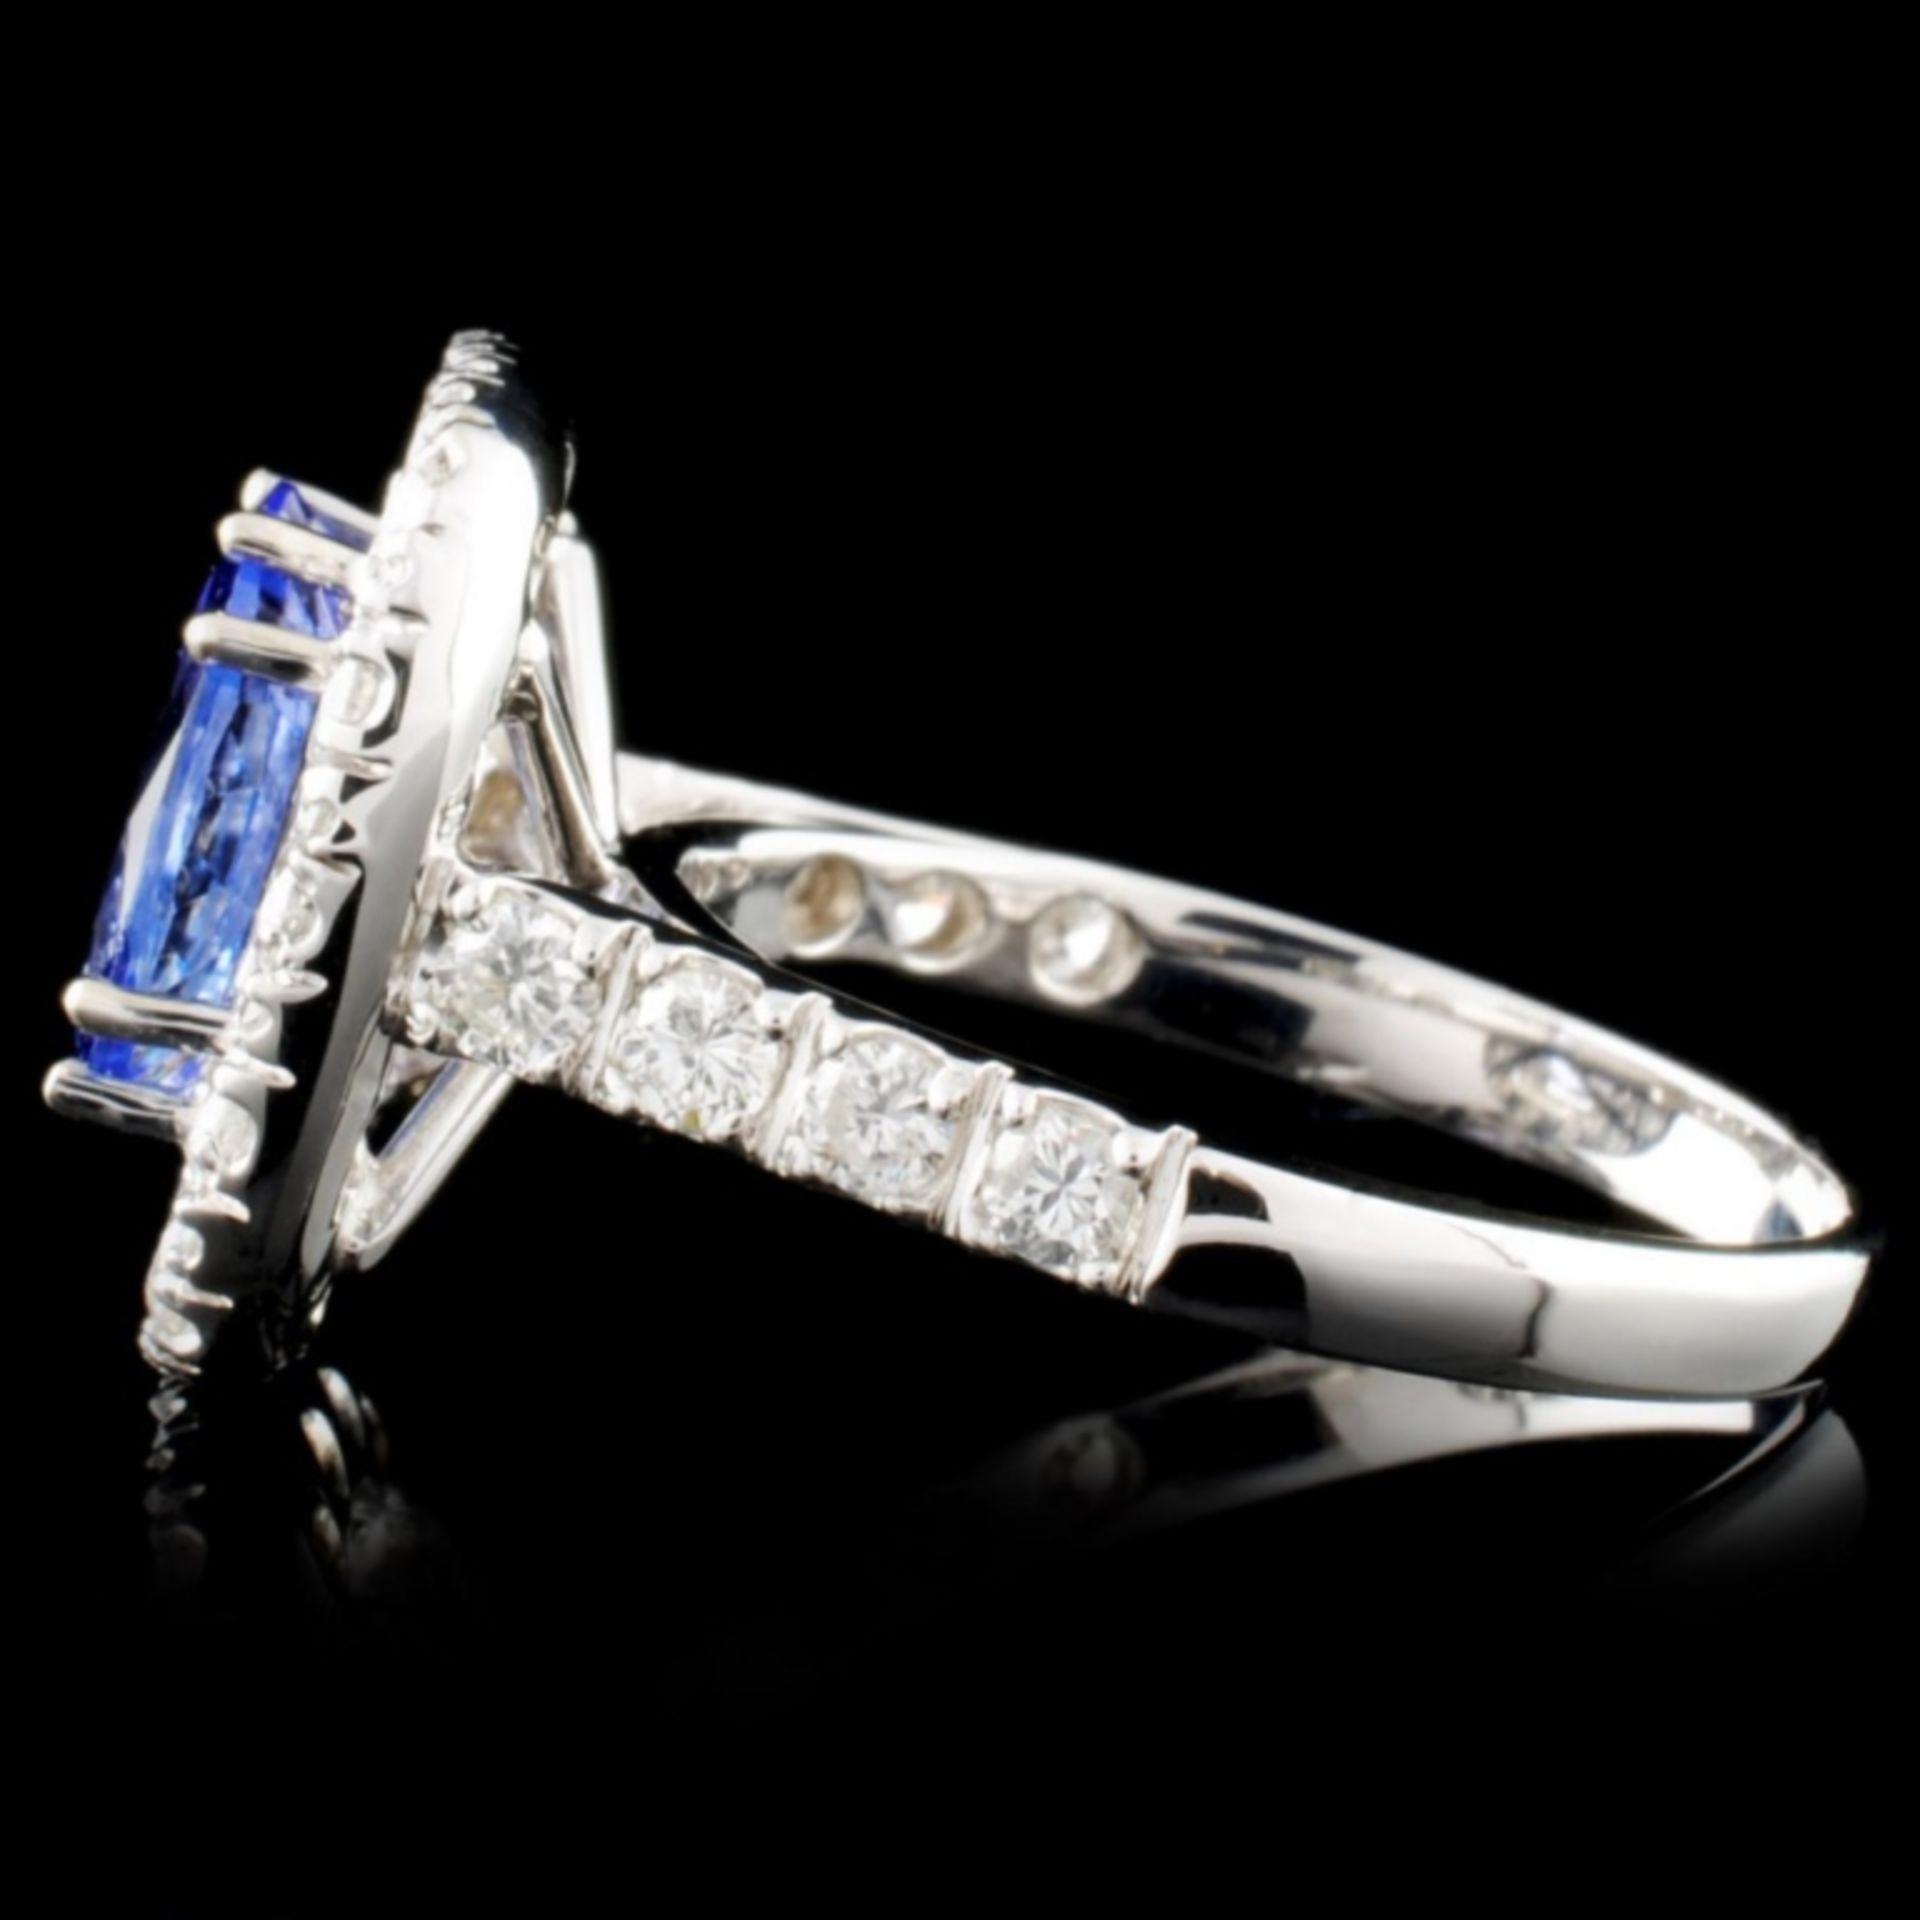 14K Gold 2.16ct Tanzanite & 1.71ctw Diamond Ring - Image 3 of 4